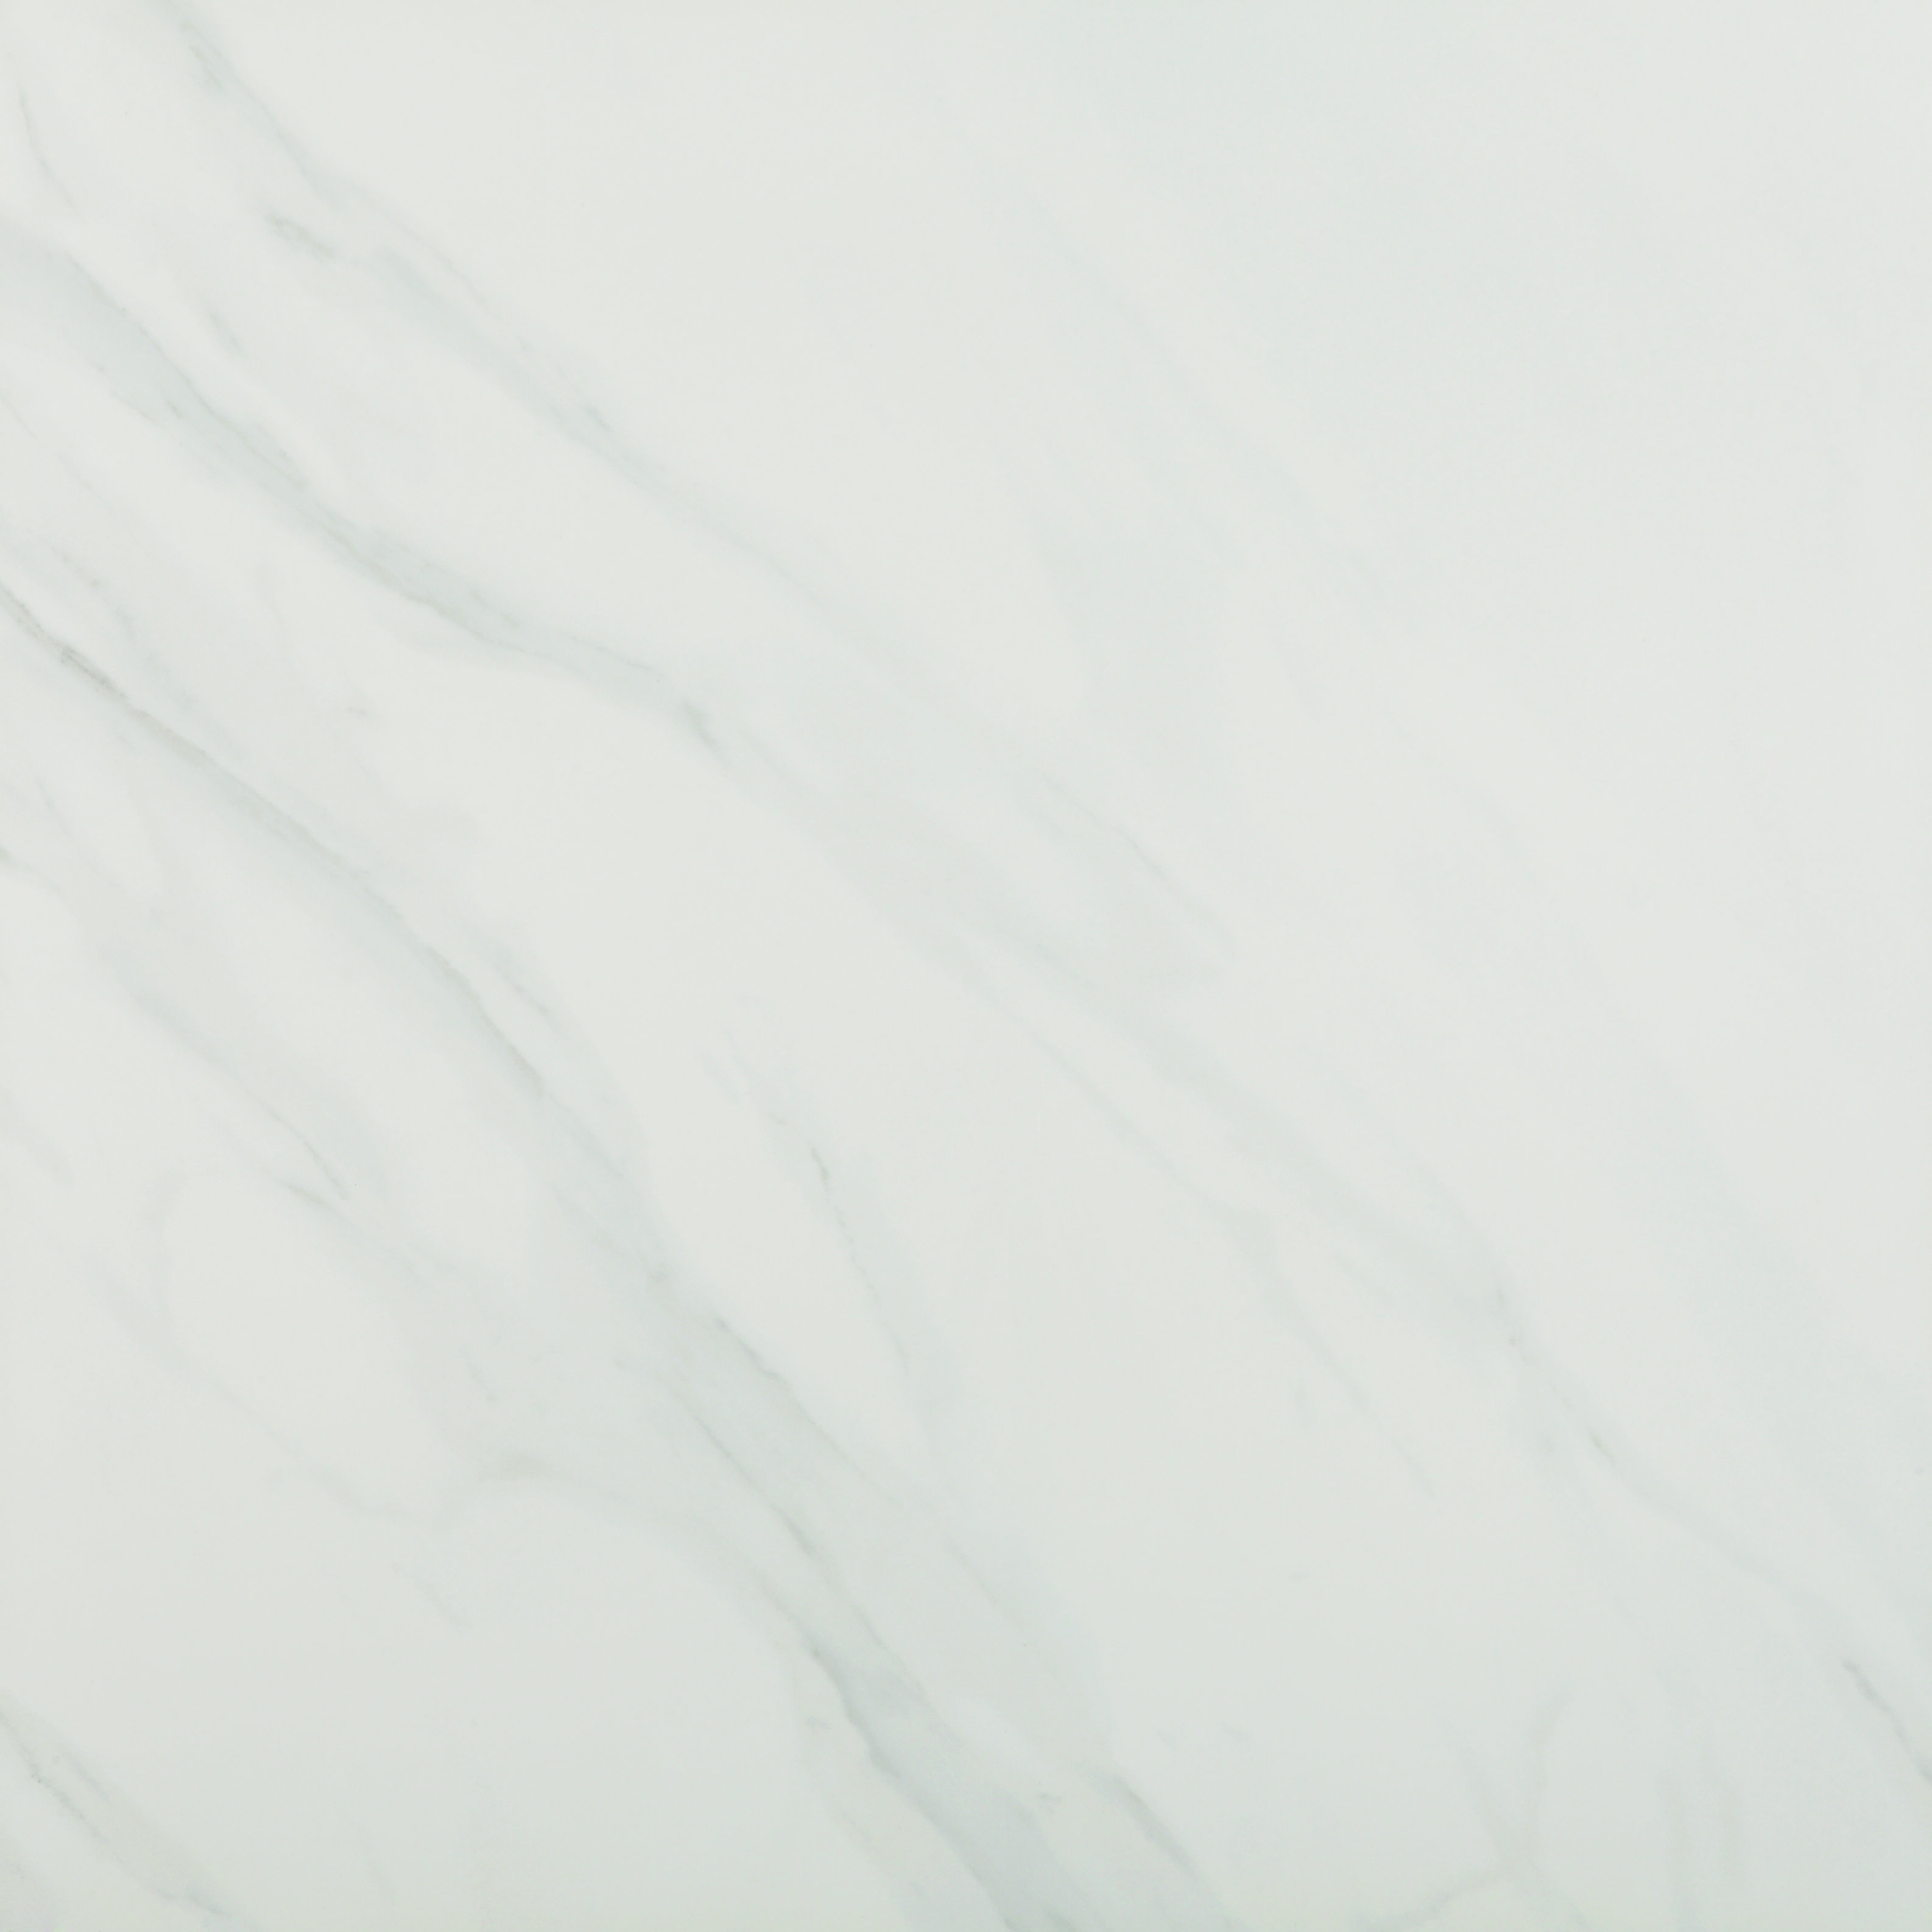 Calacatta gold polished 60x60 - Hansas Plaadimaailm